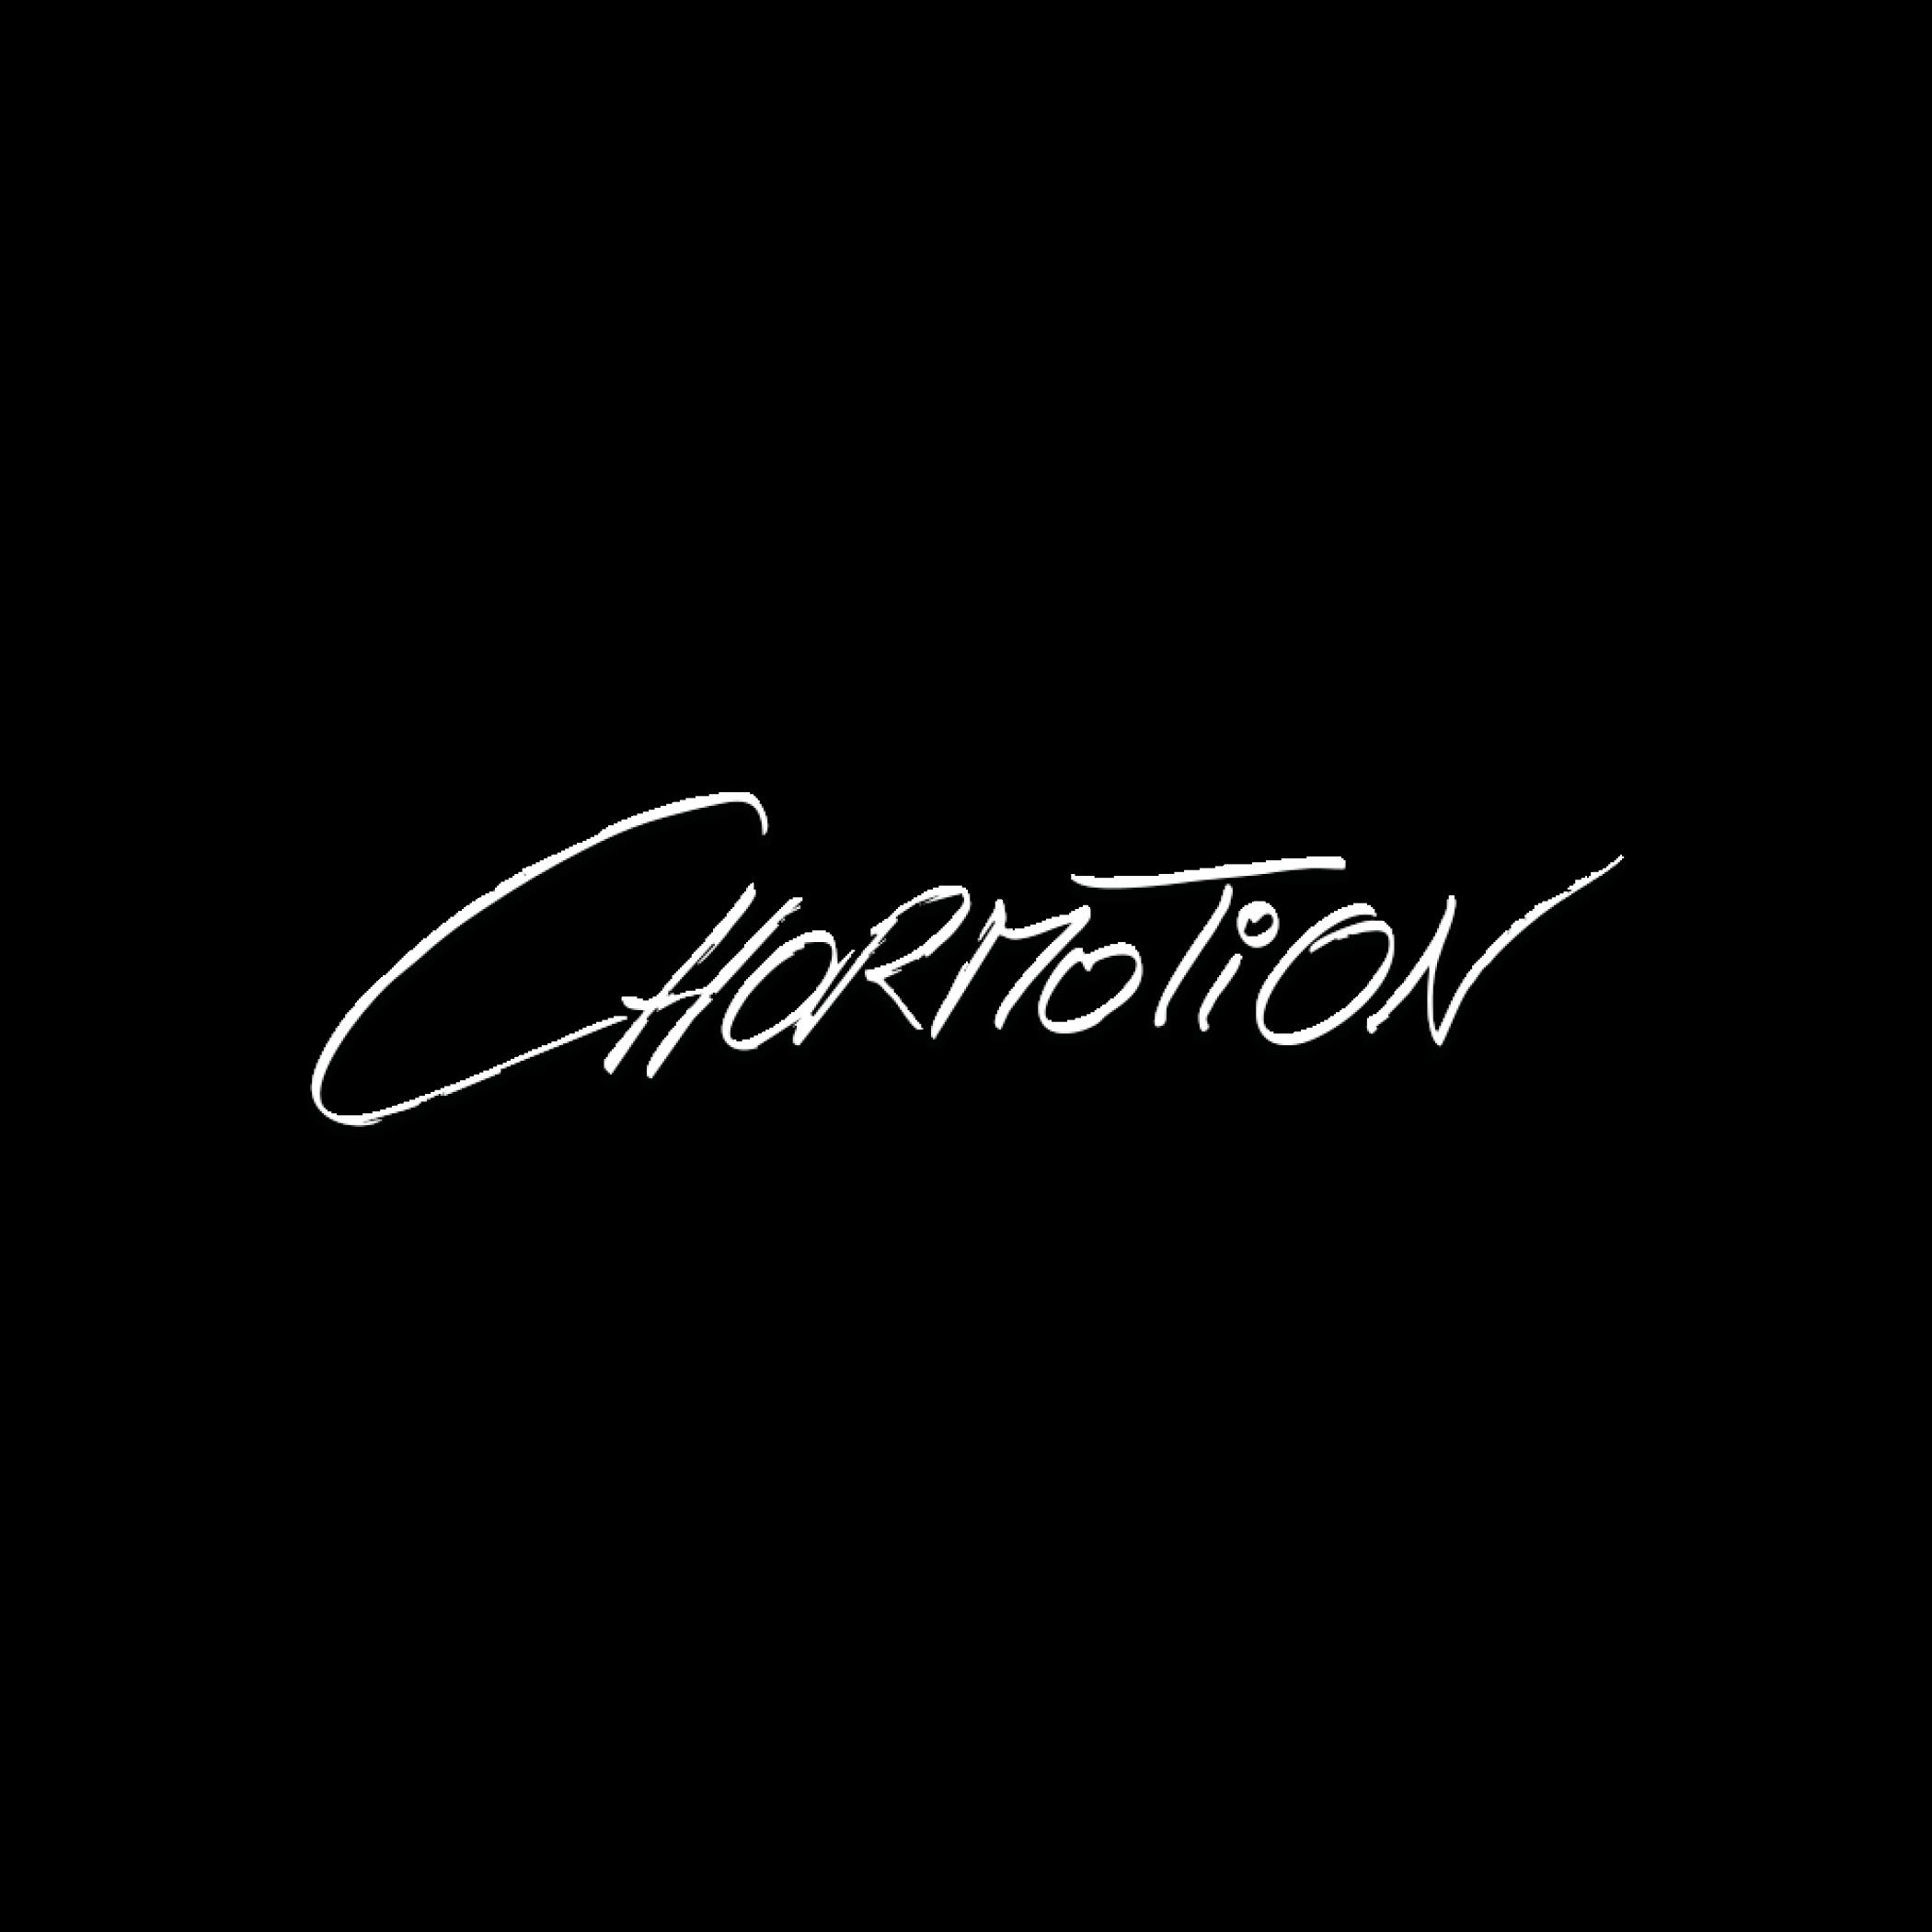 Logo Chormotion